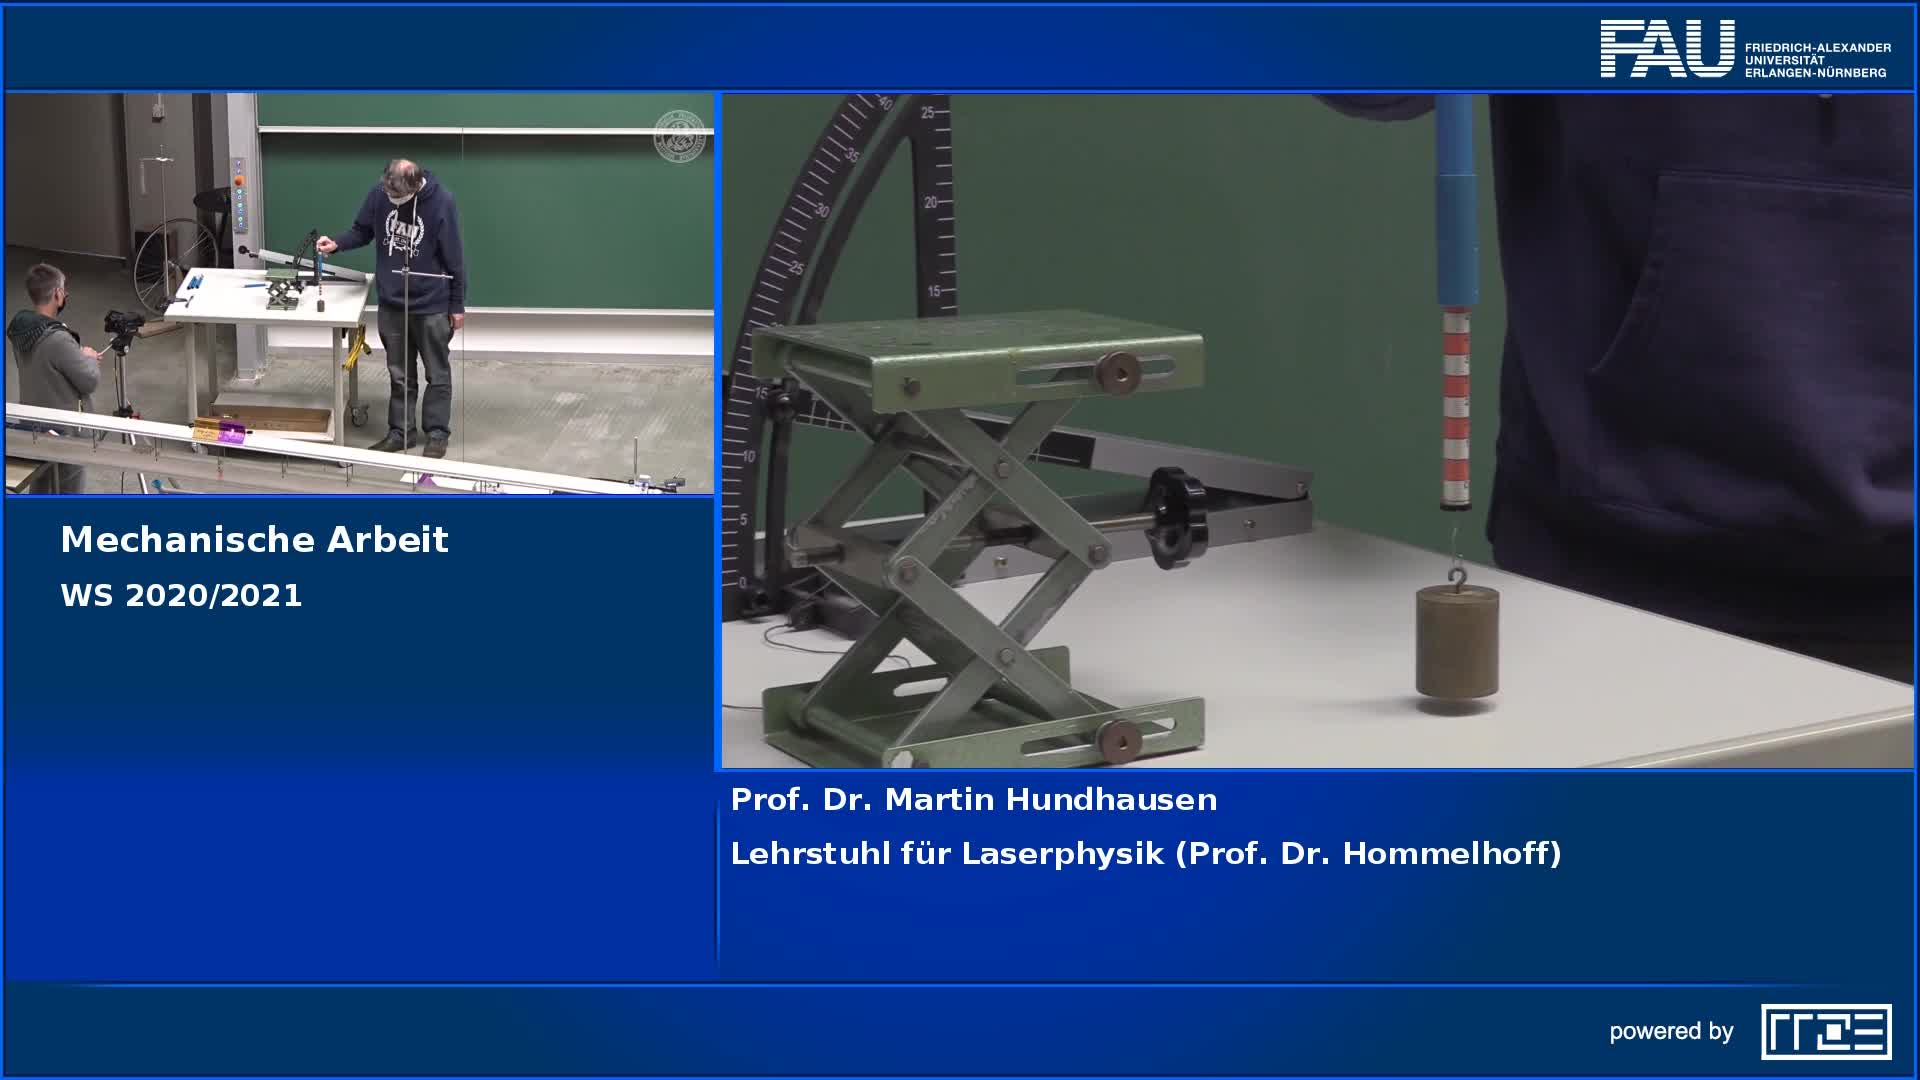 Mechanische Arbeit preview image